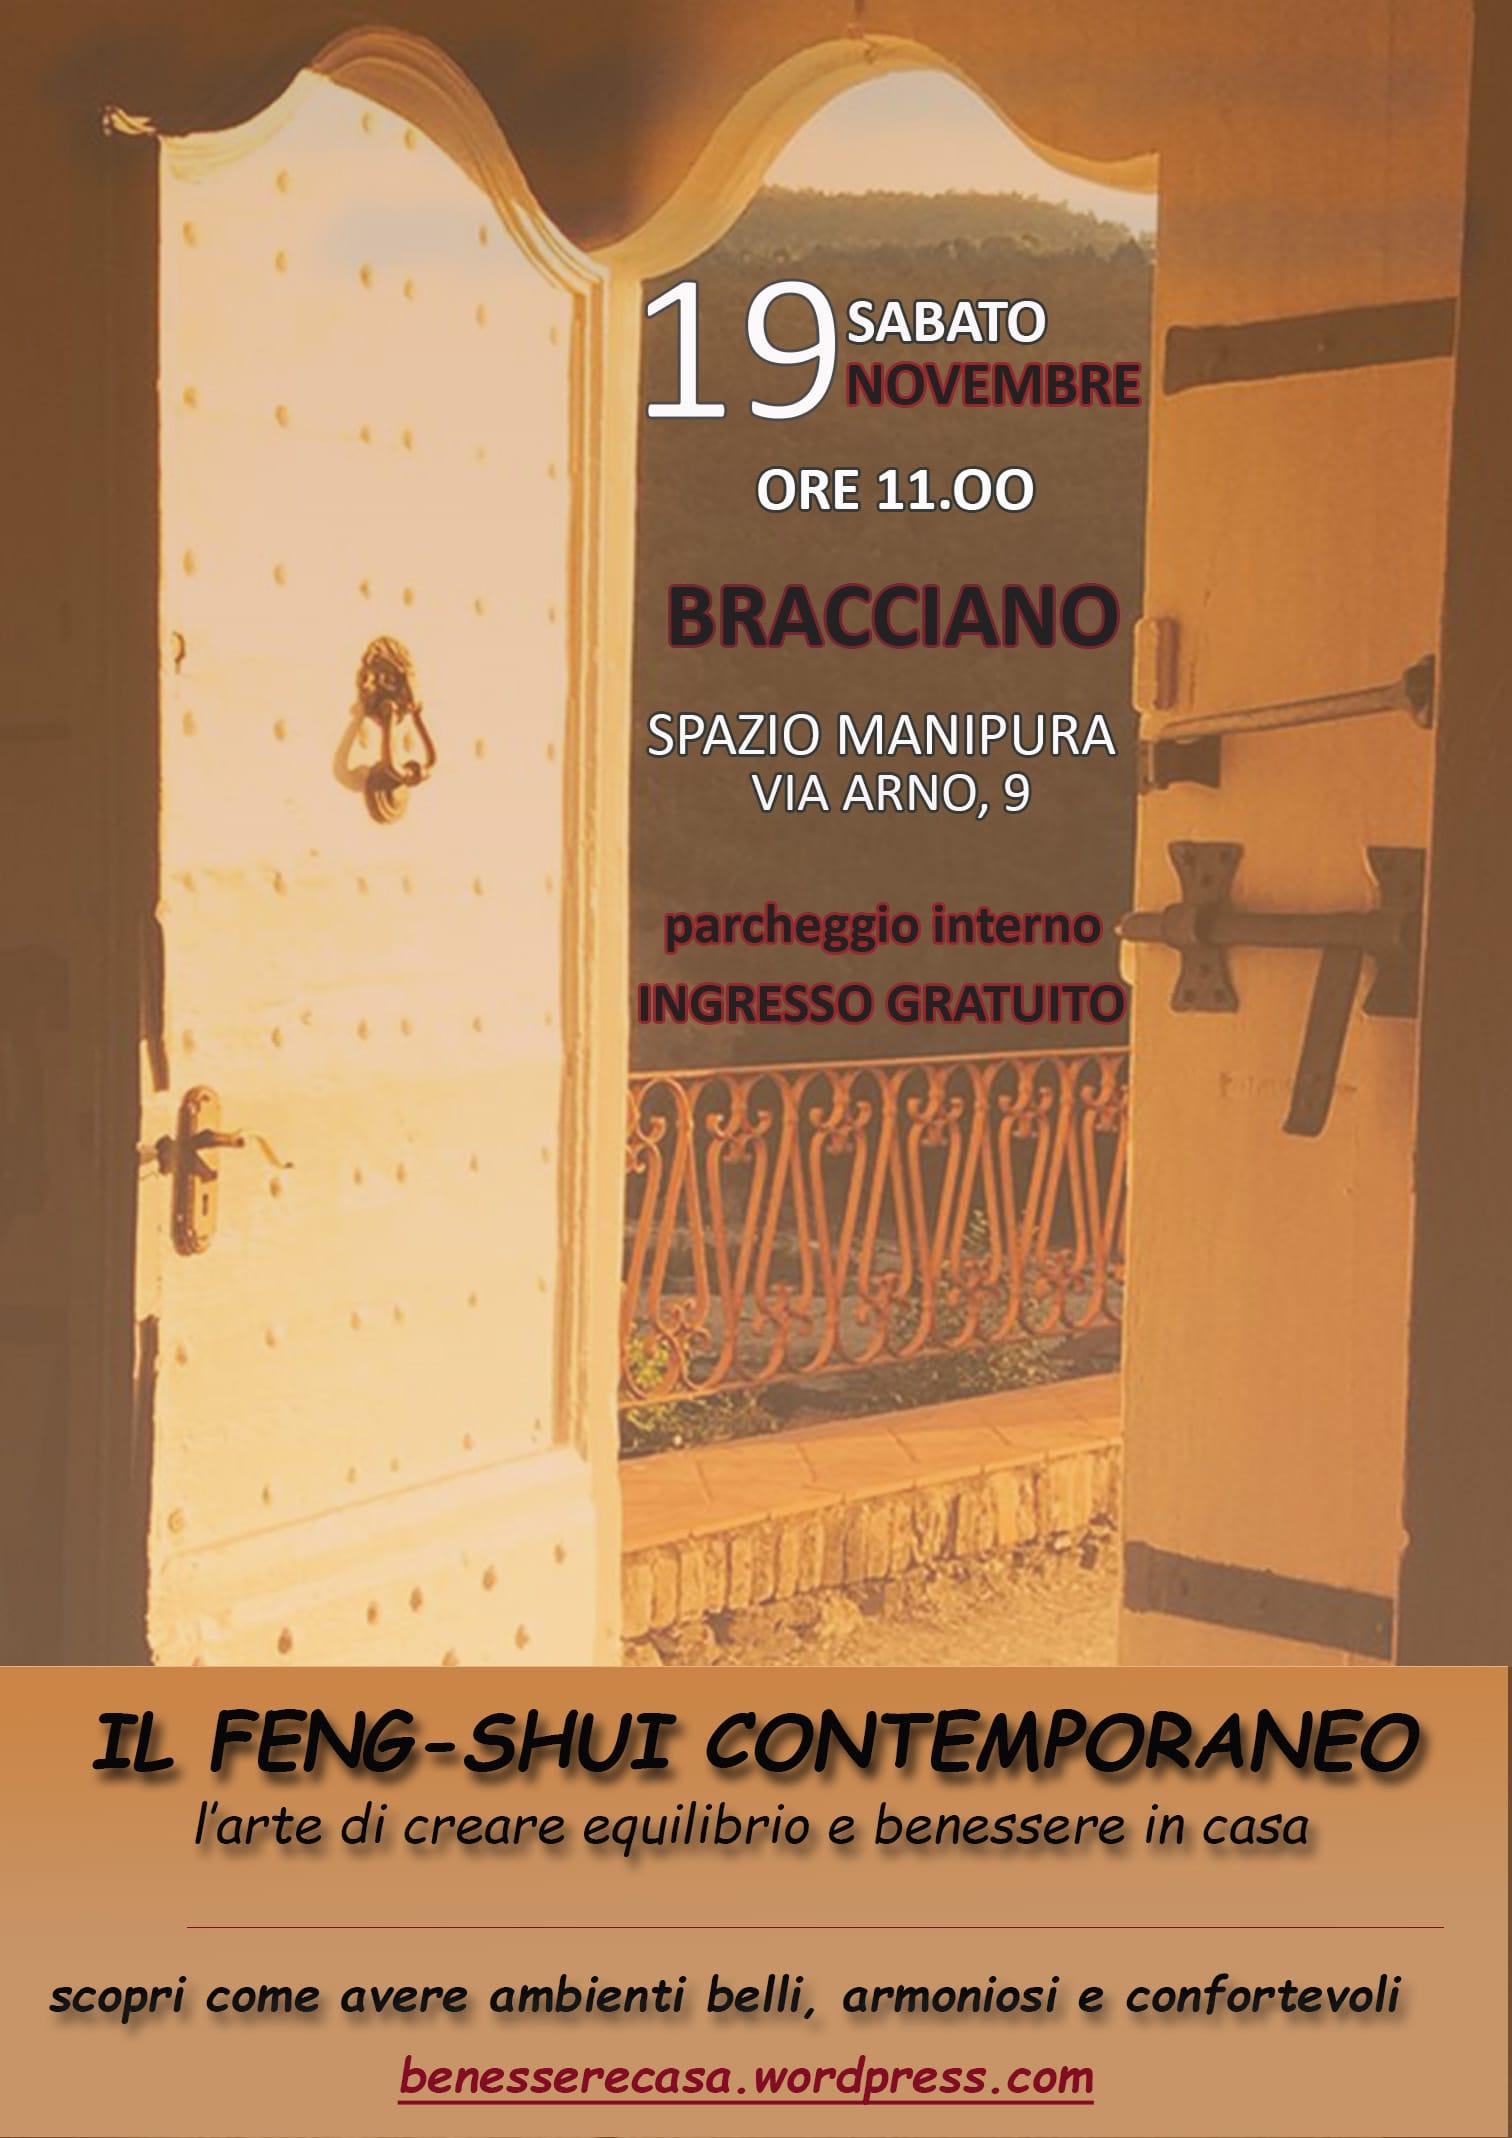 Successo per l'introduzione al feng-shui a Tervignano: sabato 19 si replica a Bracciano